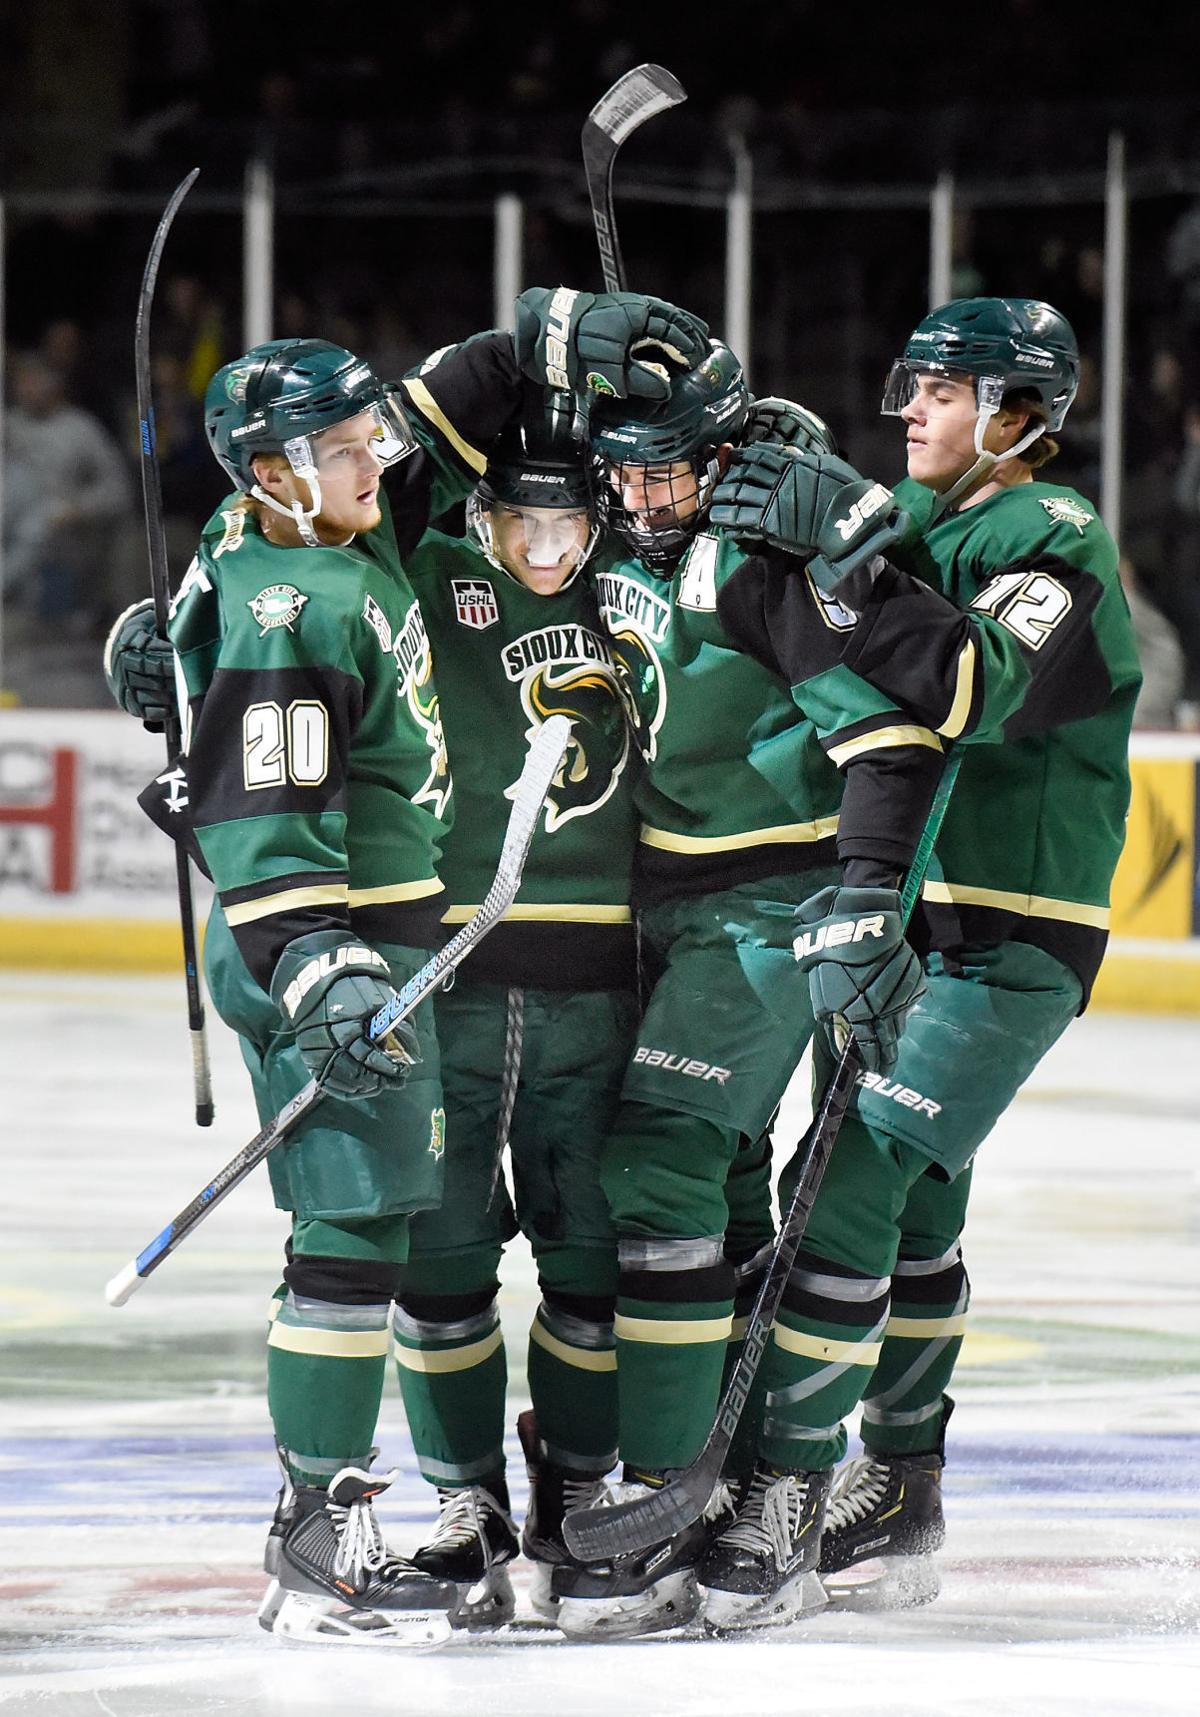 Hockey Musketeers vs. Sioux Falls Stampede (Weekender)